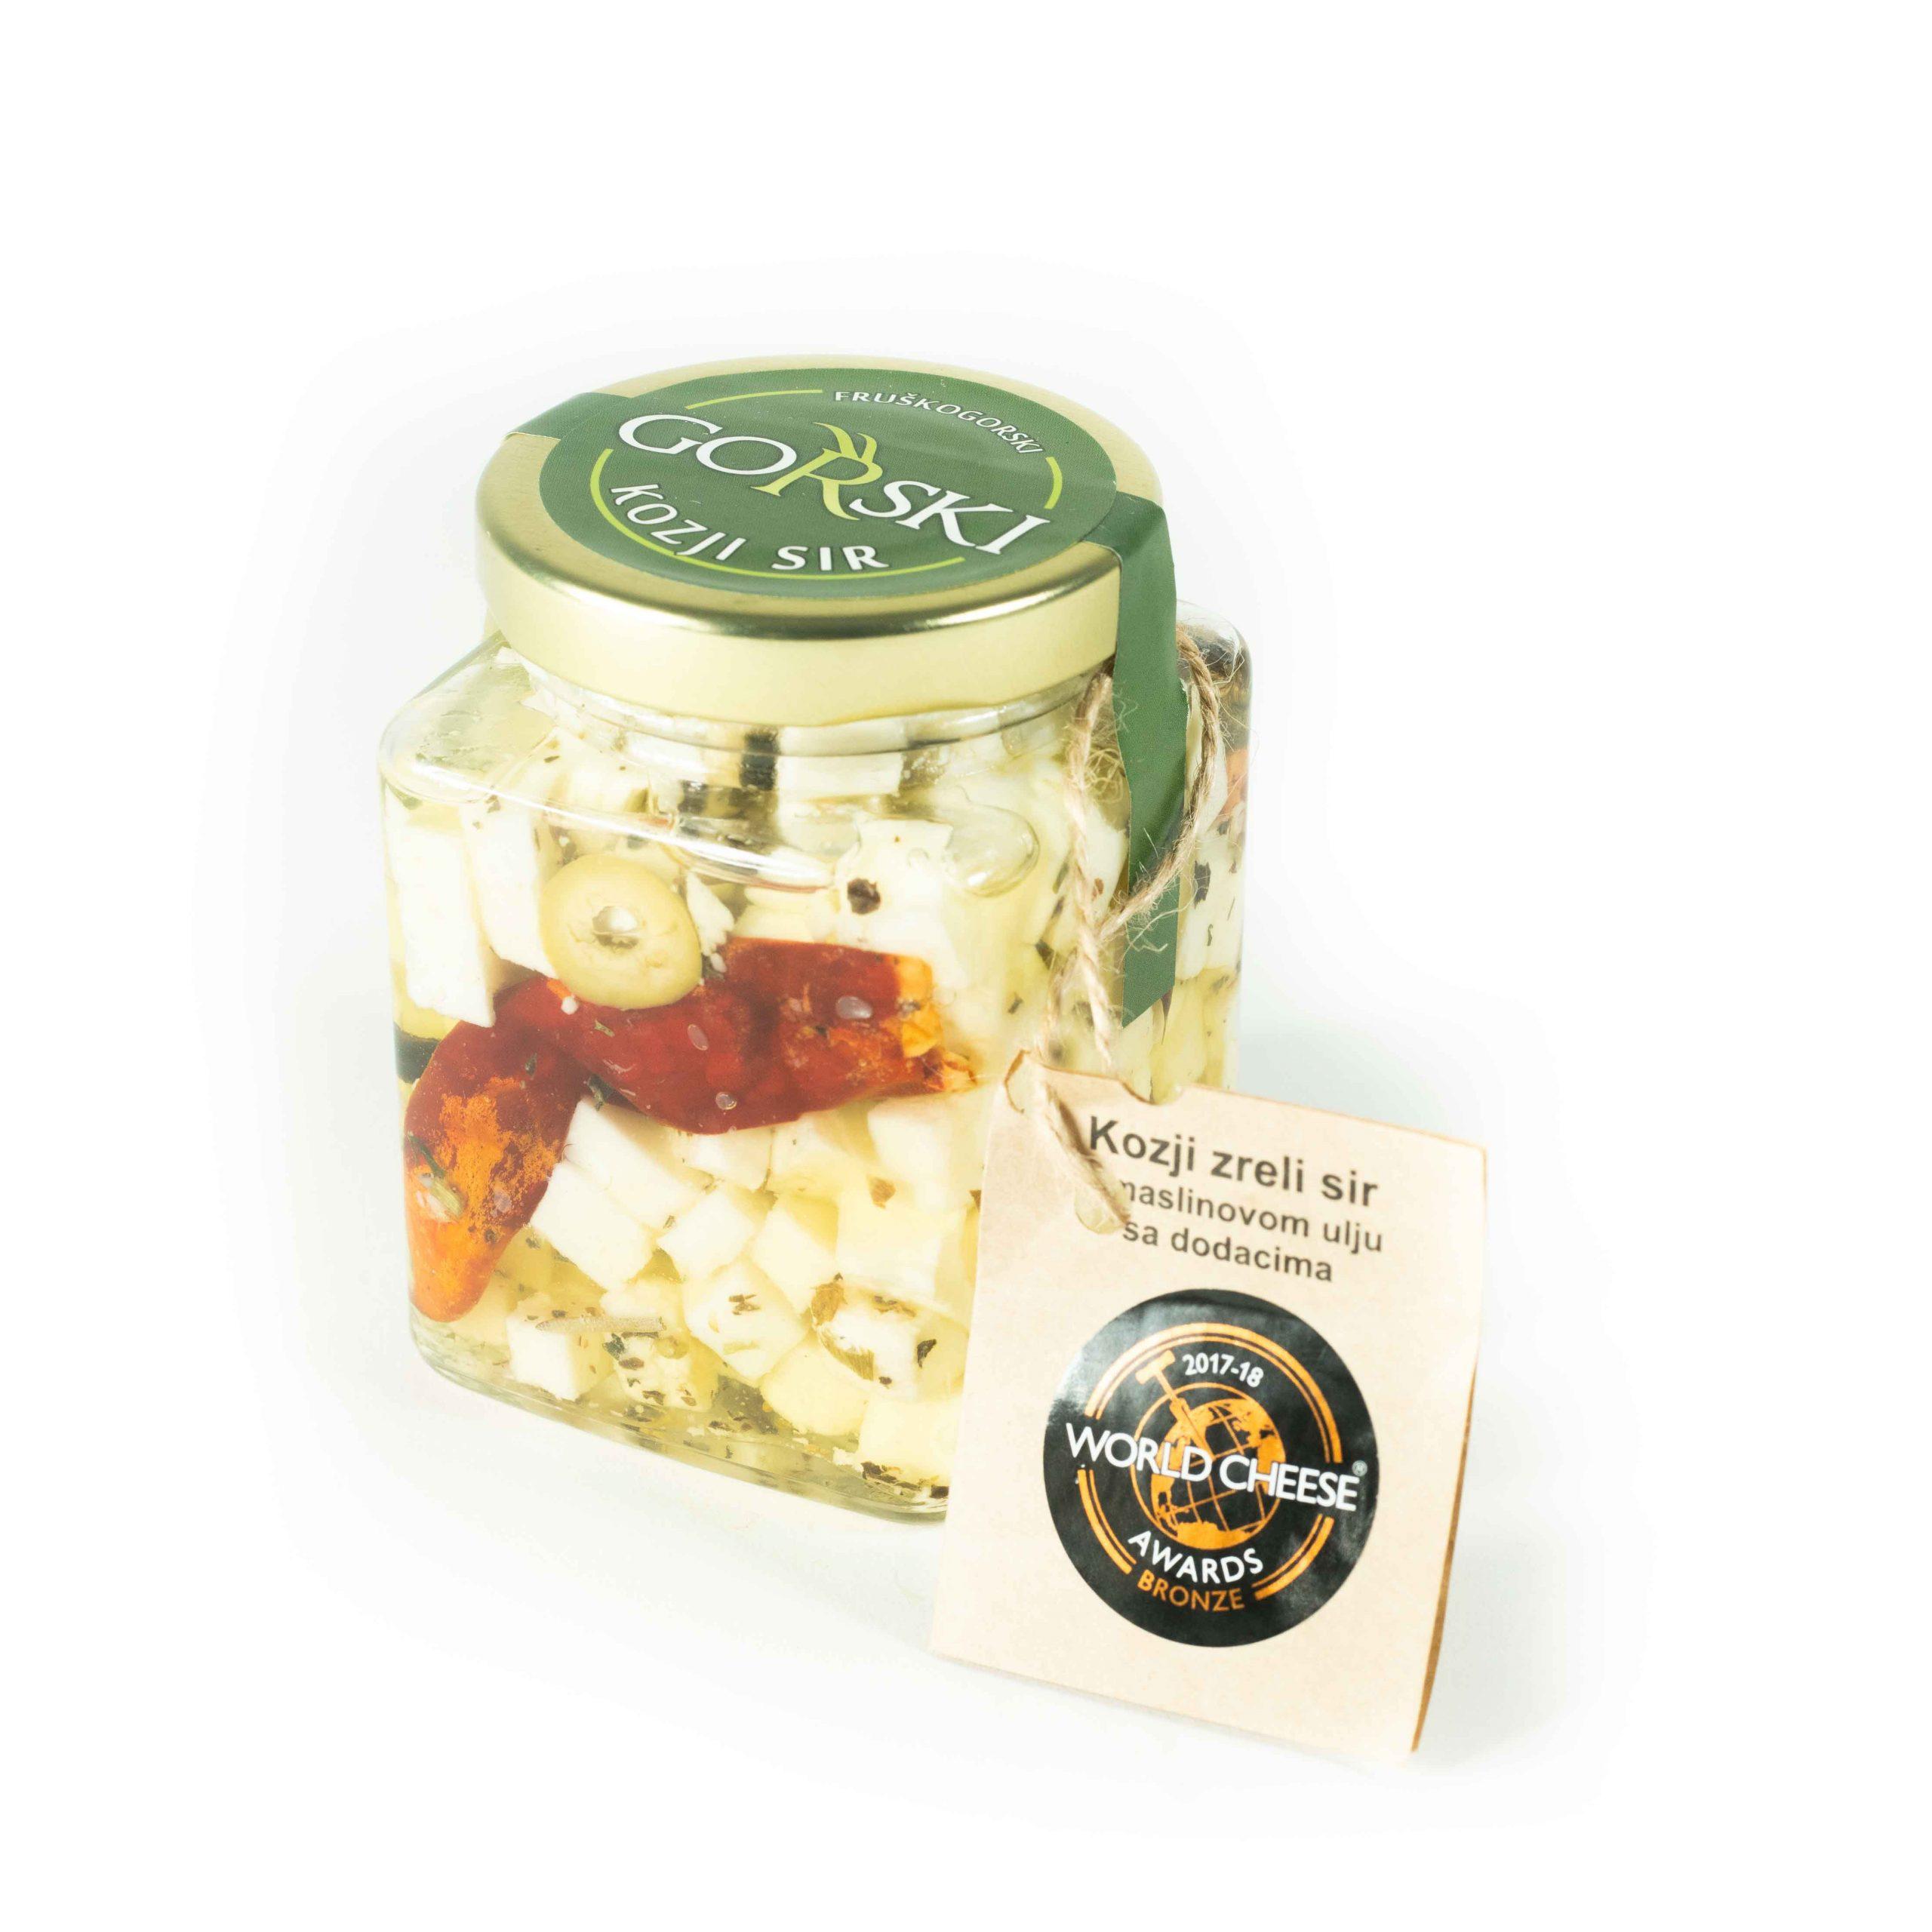 Kozji sir u maslinovom ulju sa dodacima 200g Gorski